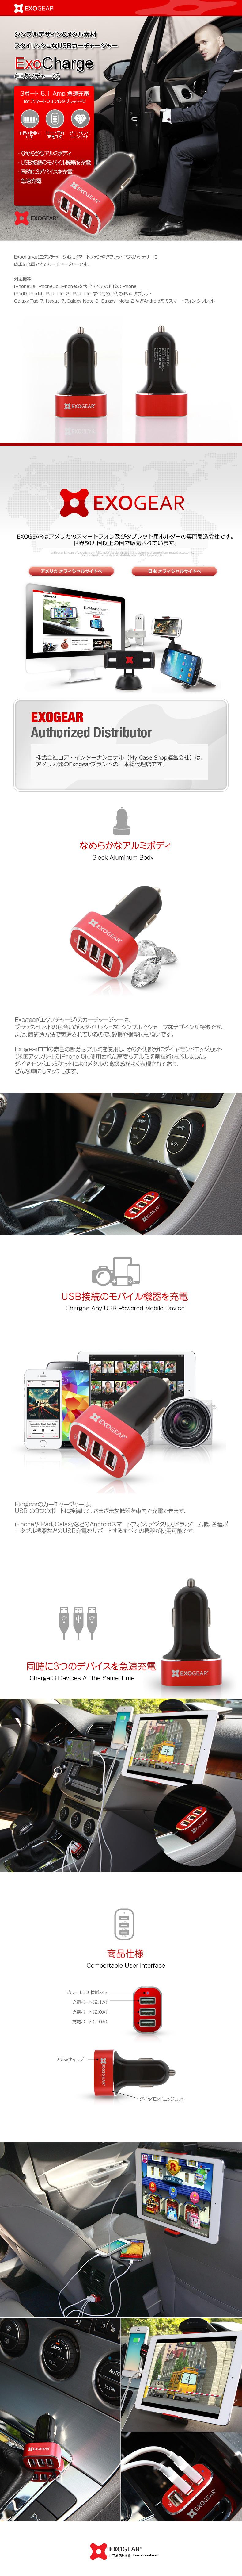 商品詳細ExoCharge(エクソチャージ) 3ポート